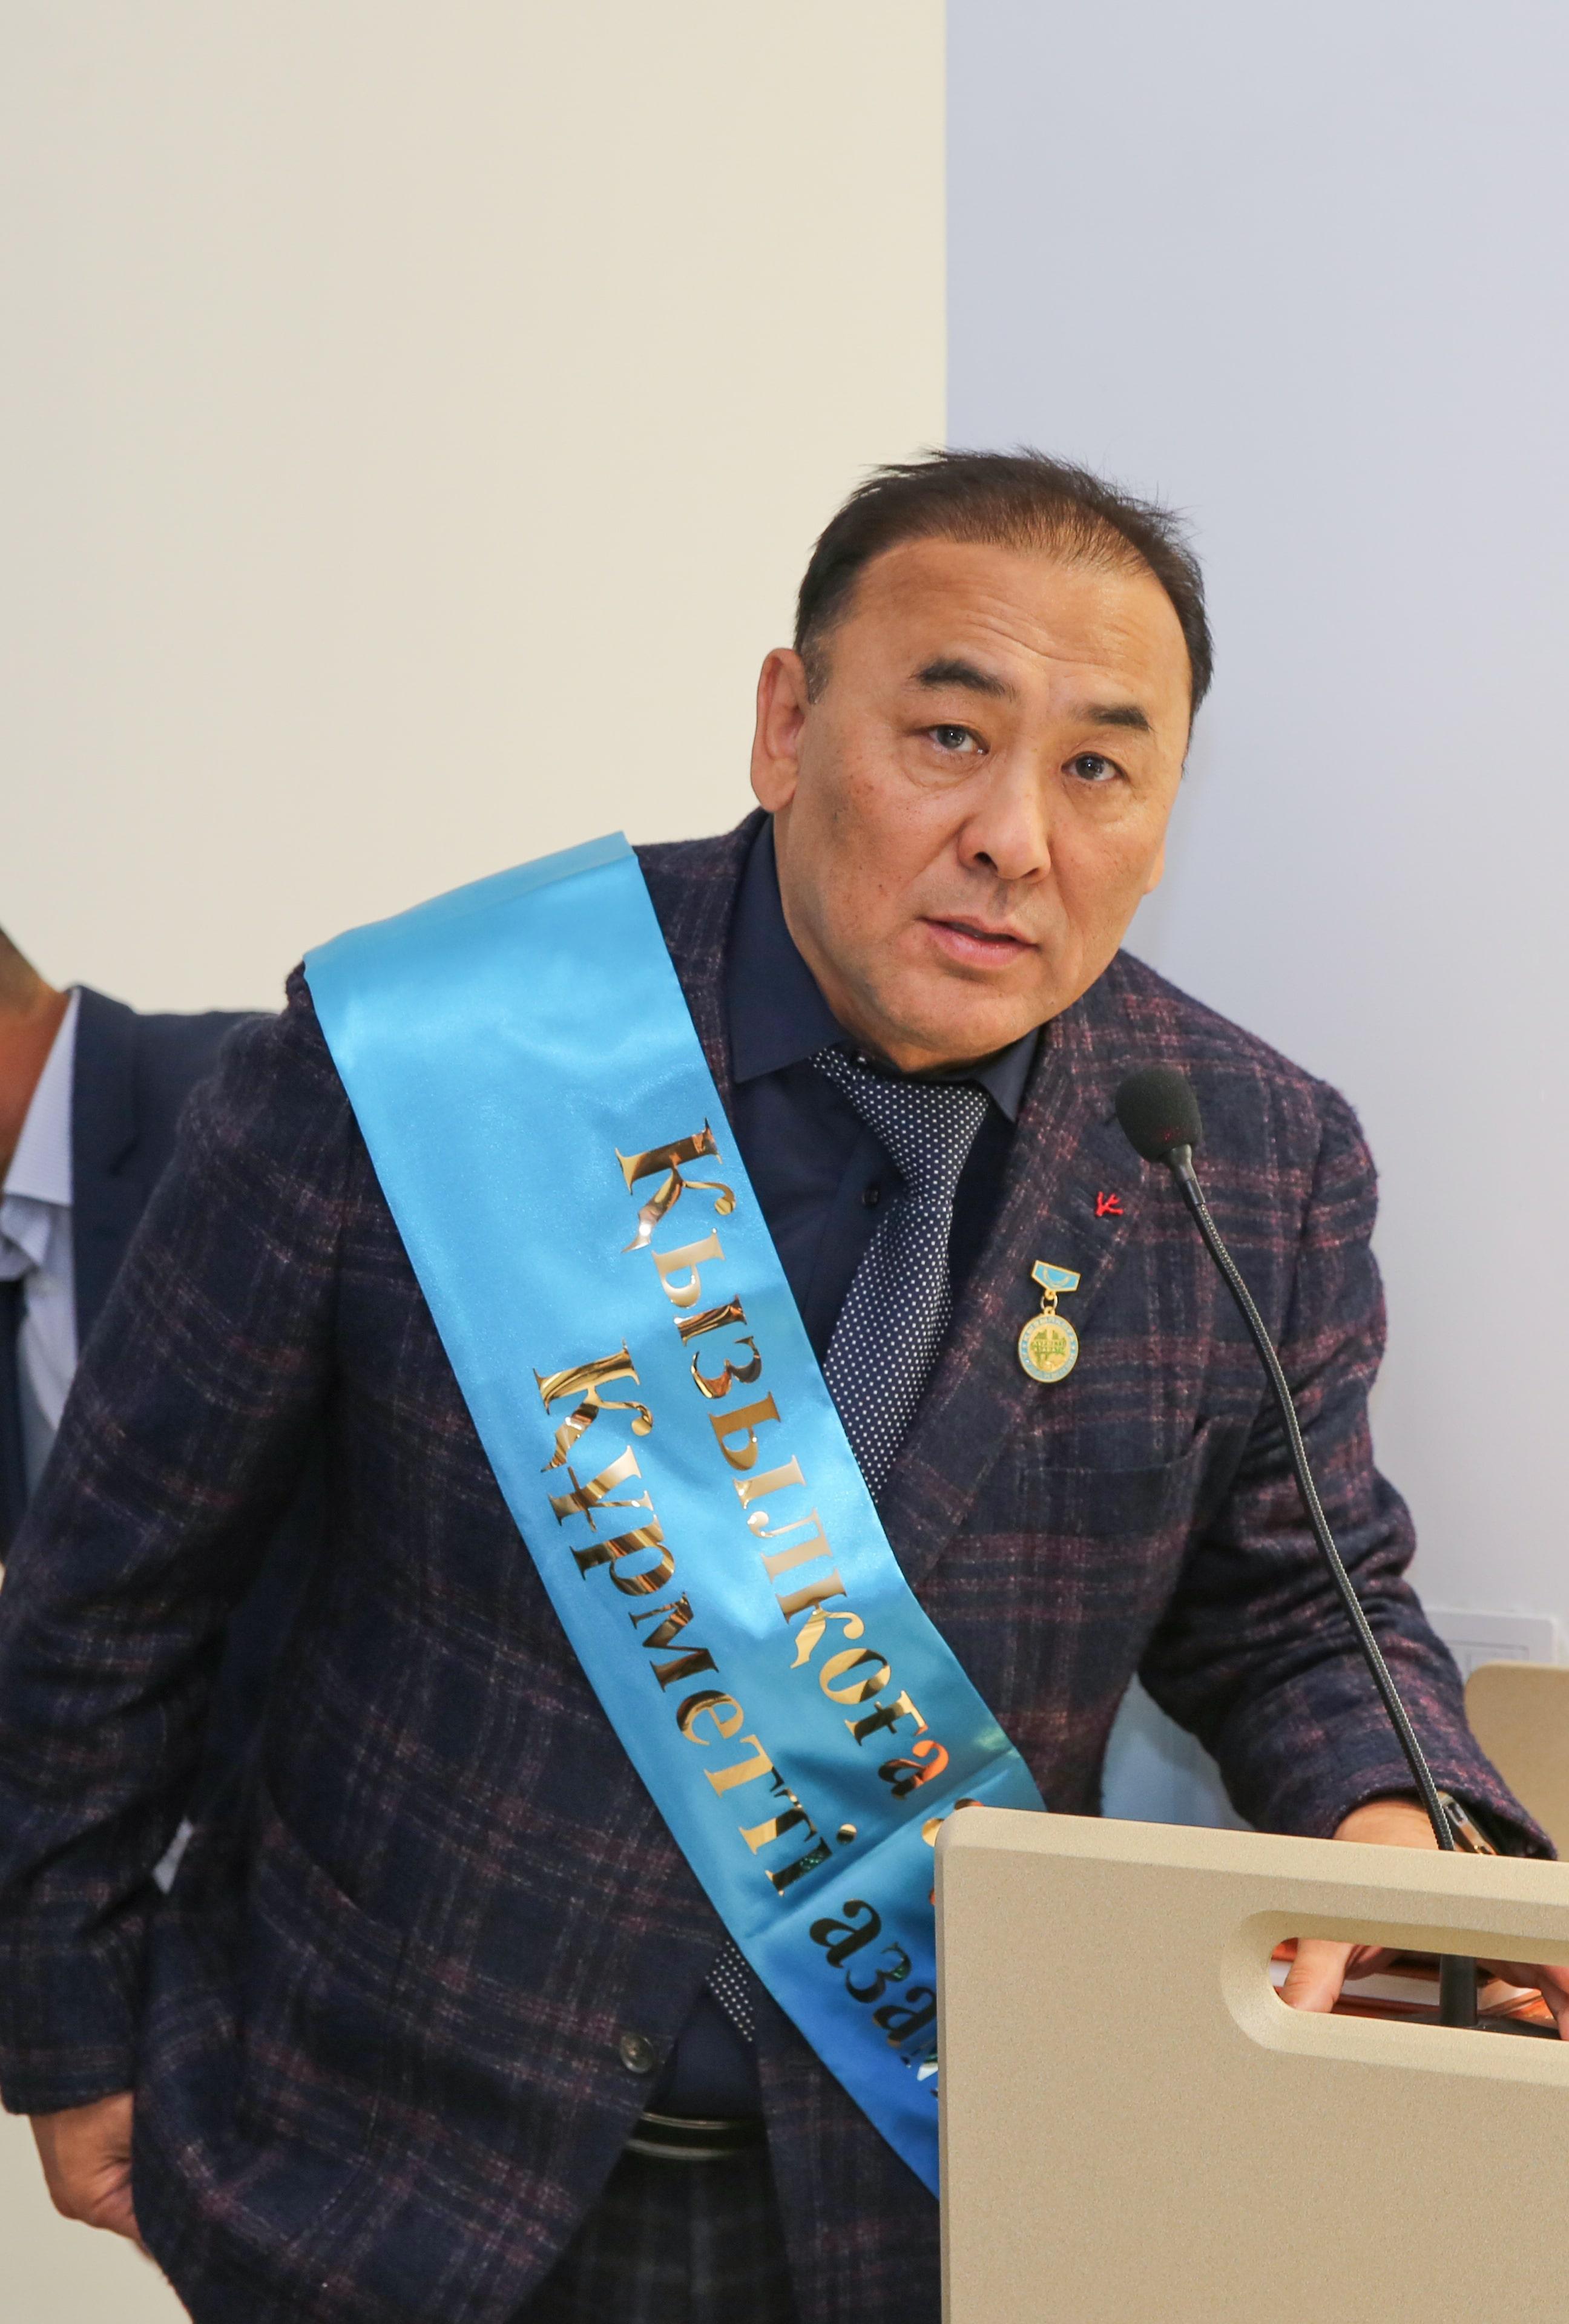 Награждение Ибрагима Акдрашева нагрудным знаком «Почетный гражданин Кызылкогинского района»